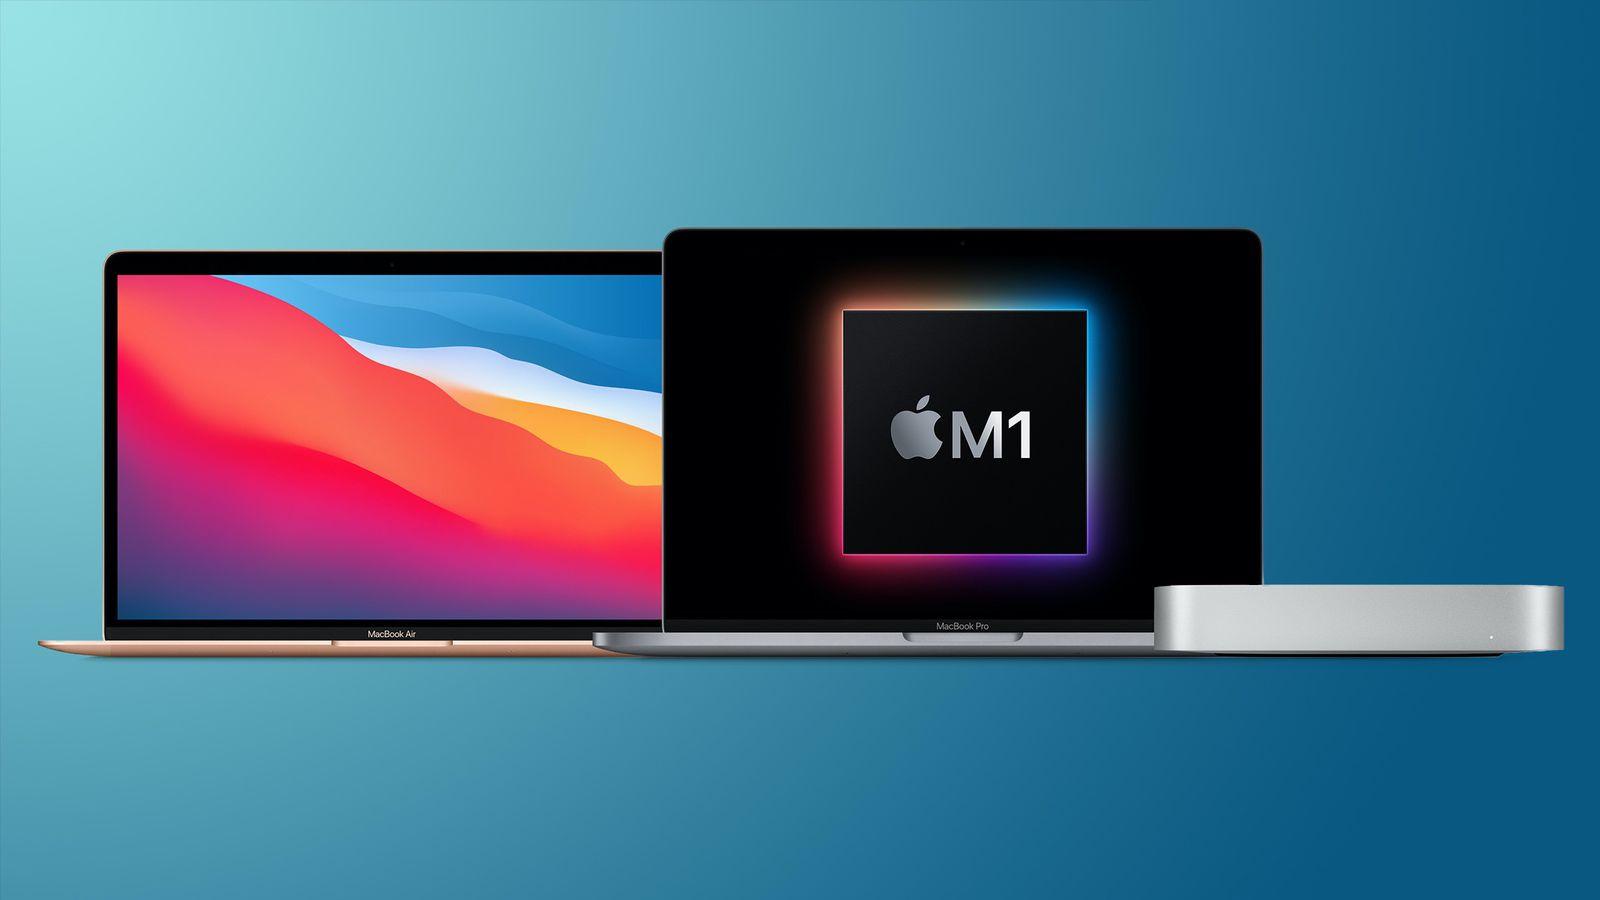 mac-mini-macbook-pro-macbook-air-m1